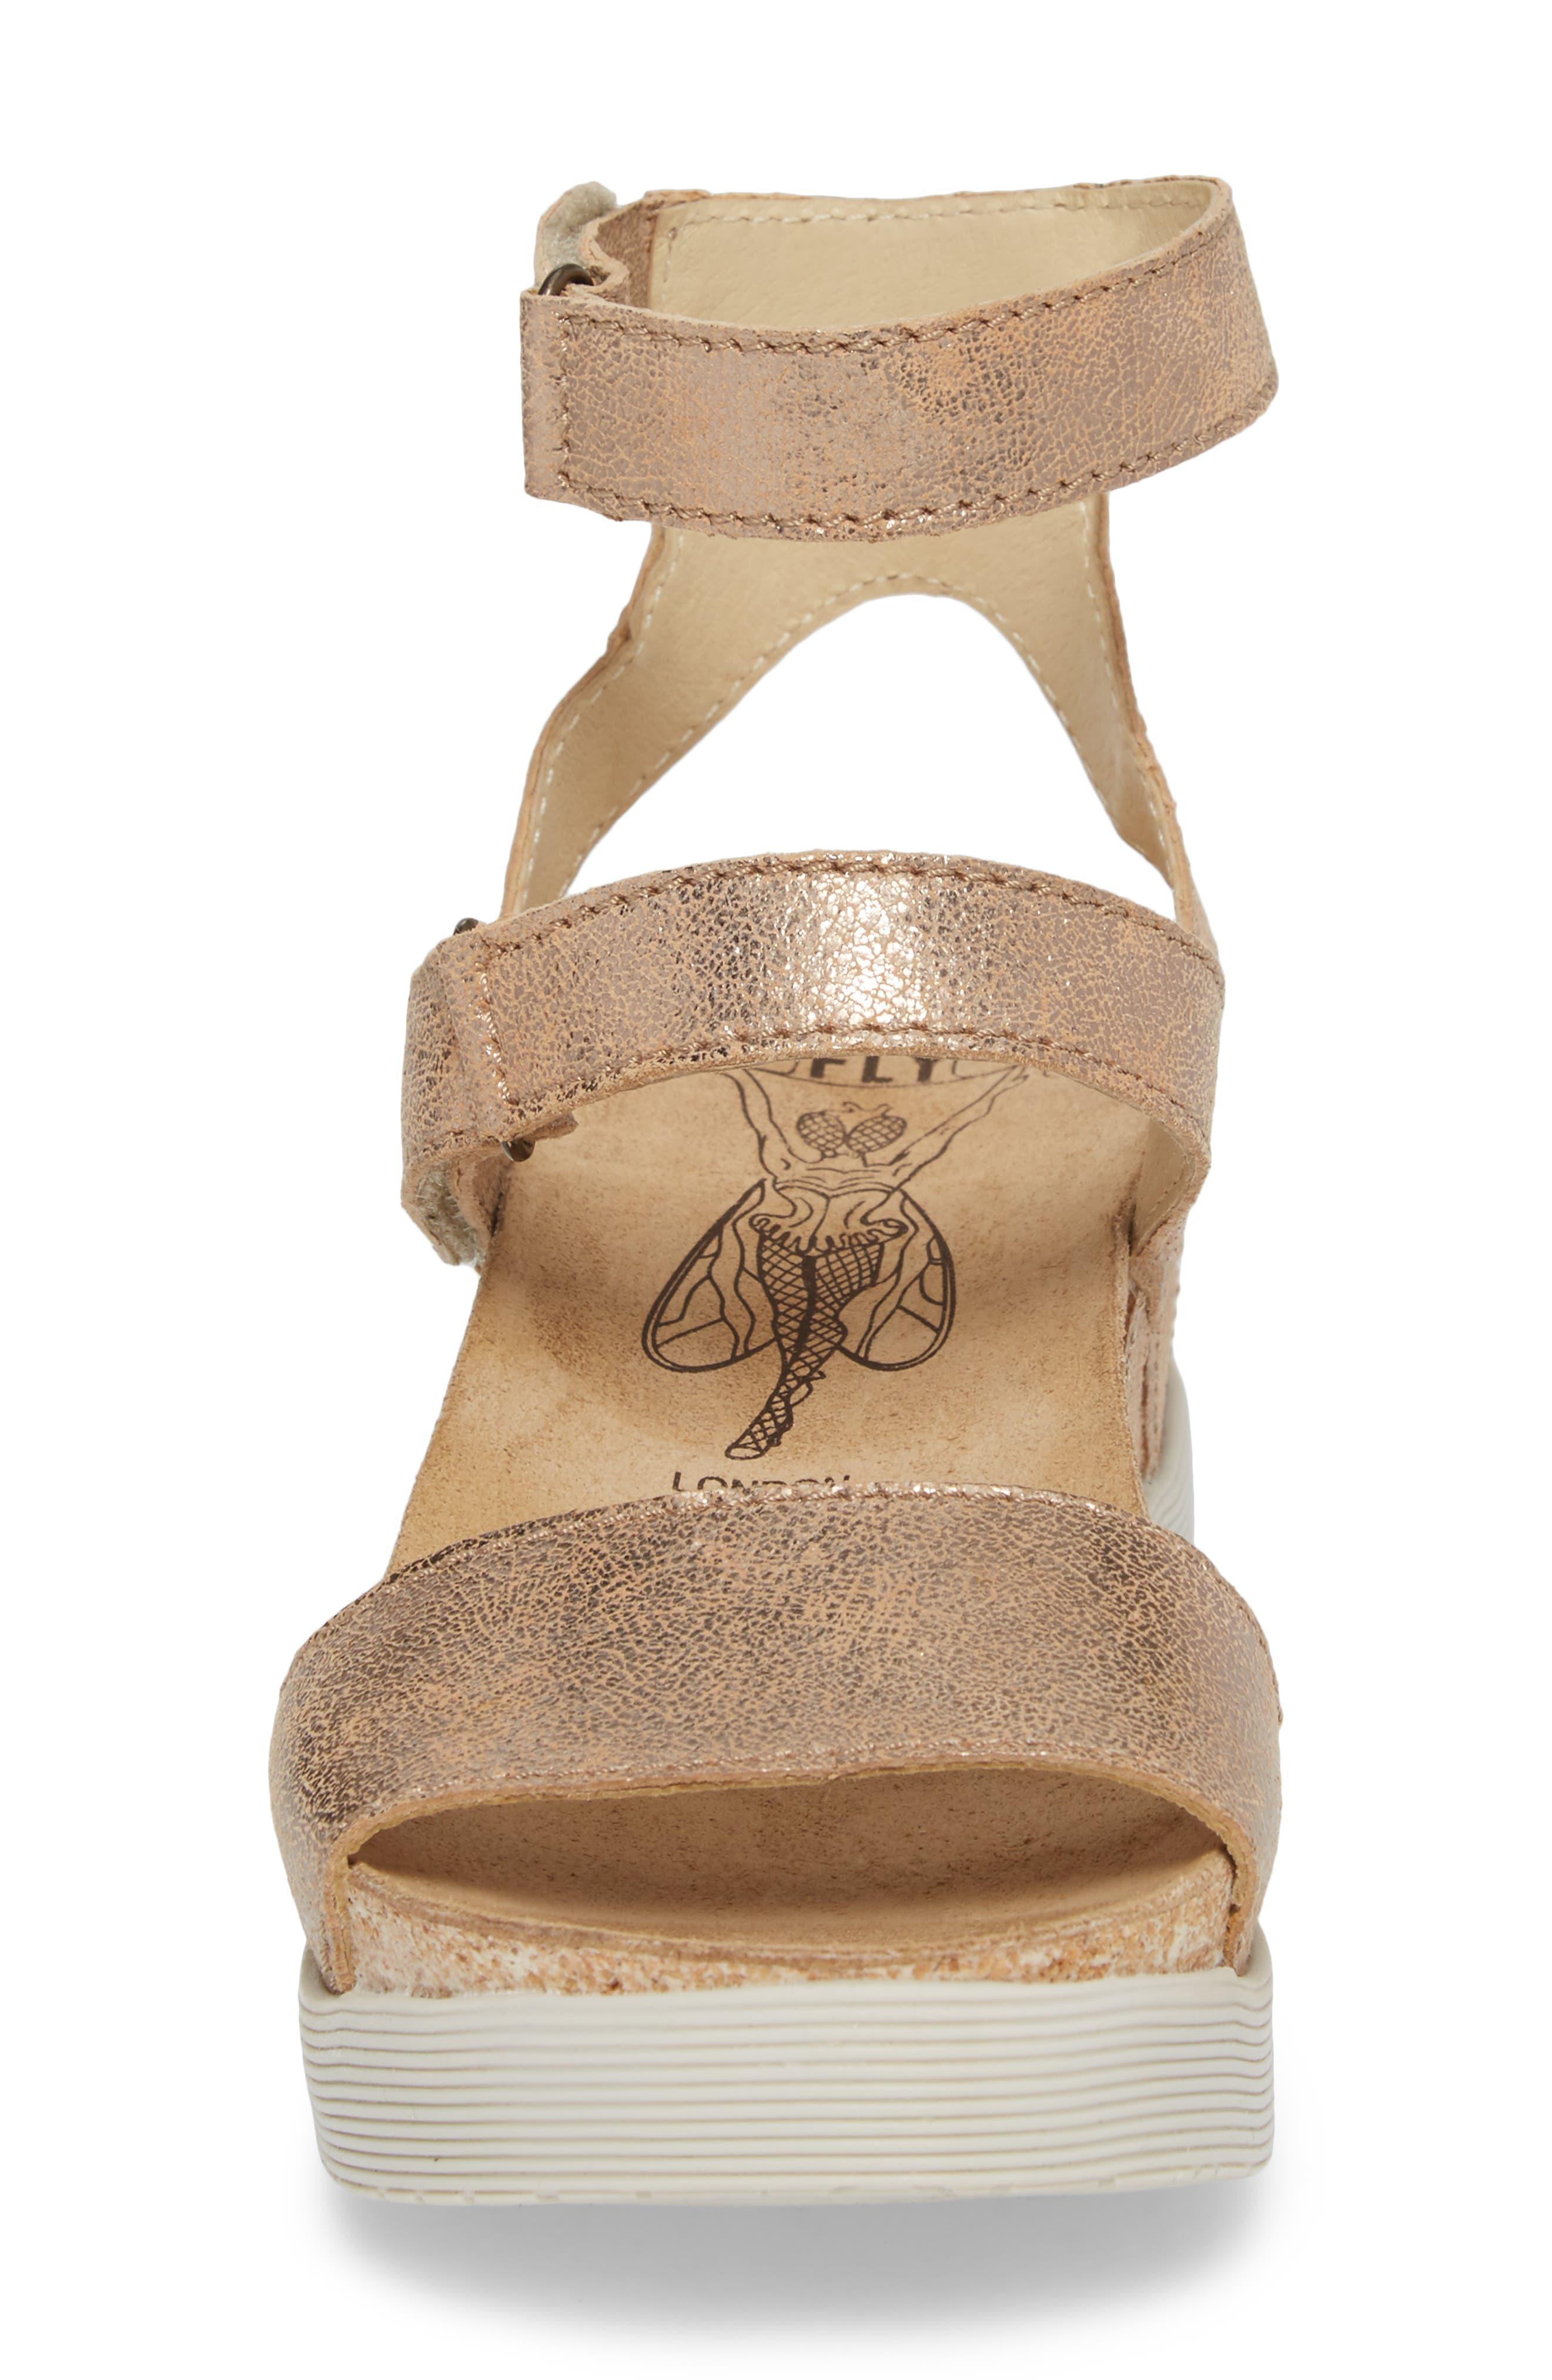 Wink Platform Sandal,                             Alternate thumbnail 4, color,                             LUNA COOL LEATHER